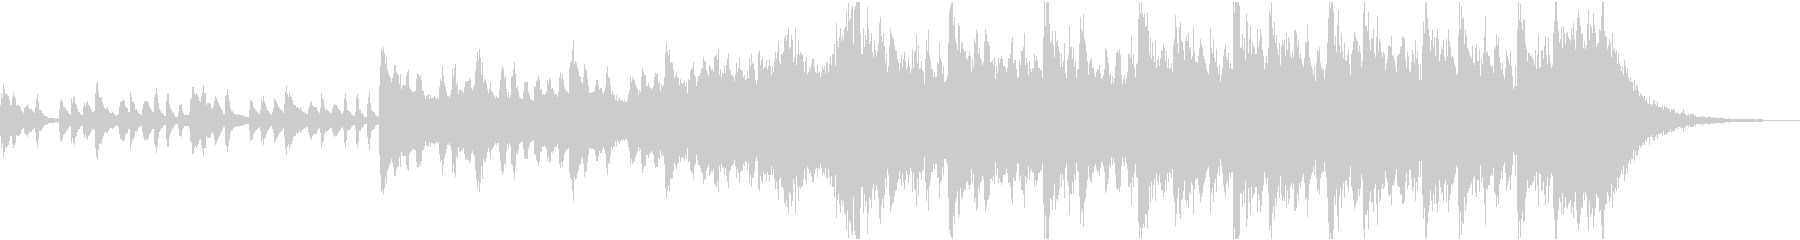 感動壮大ポジティブオーケストラエピックcの未再生の波形